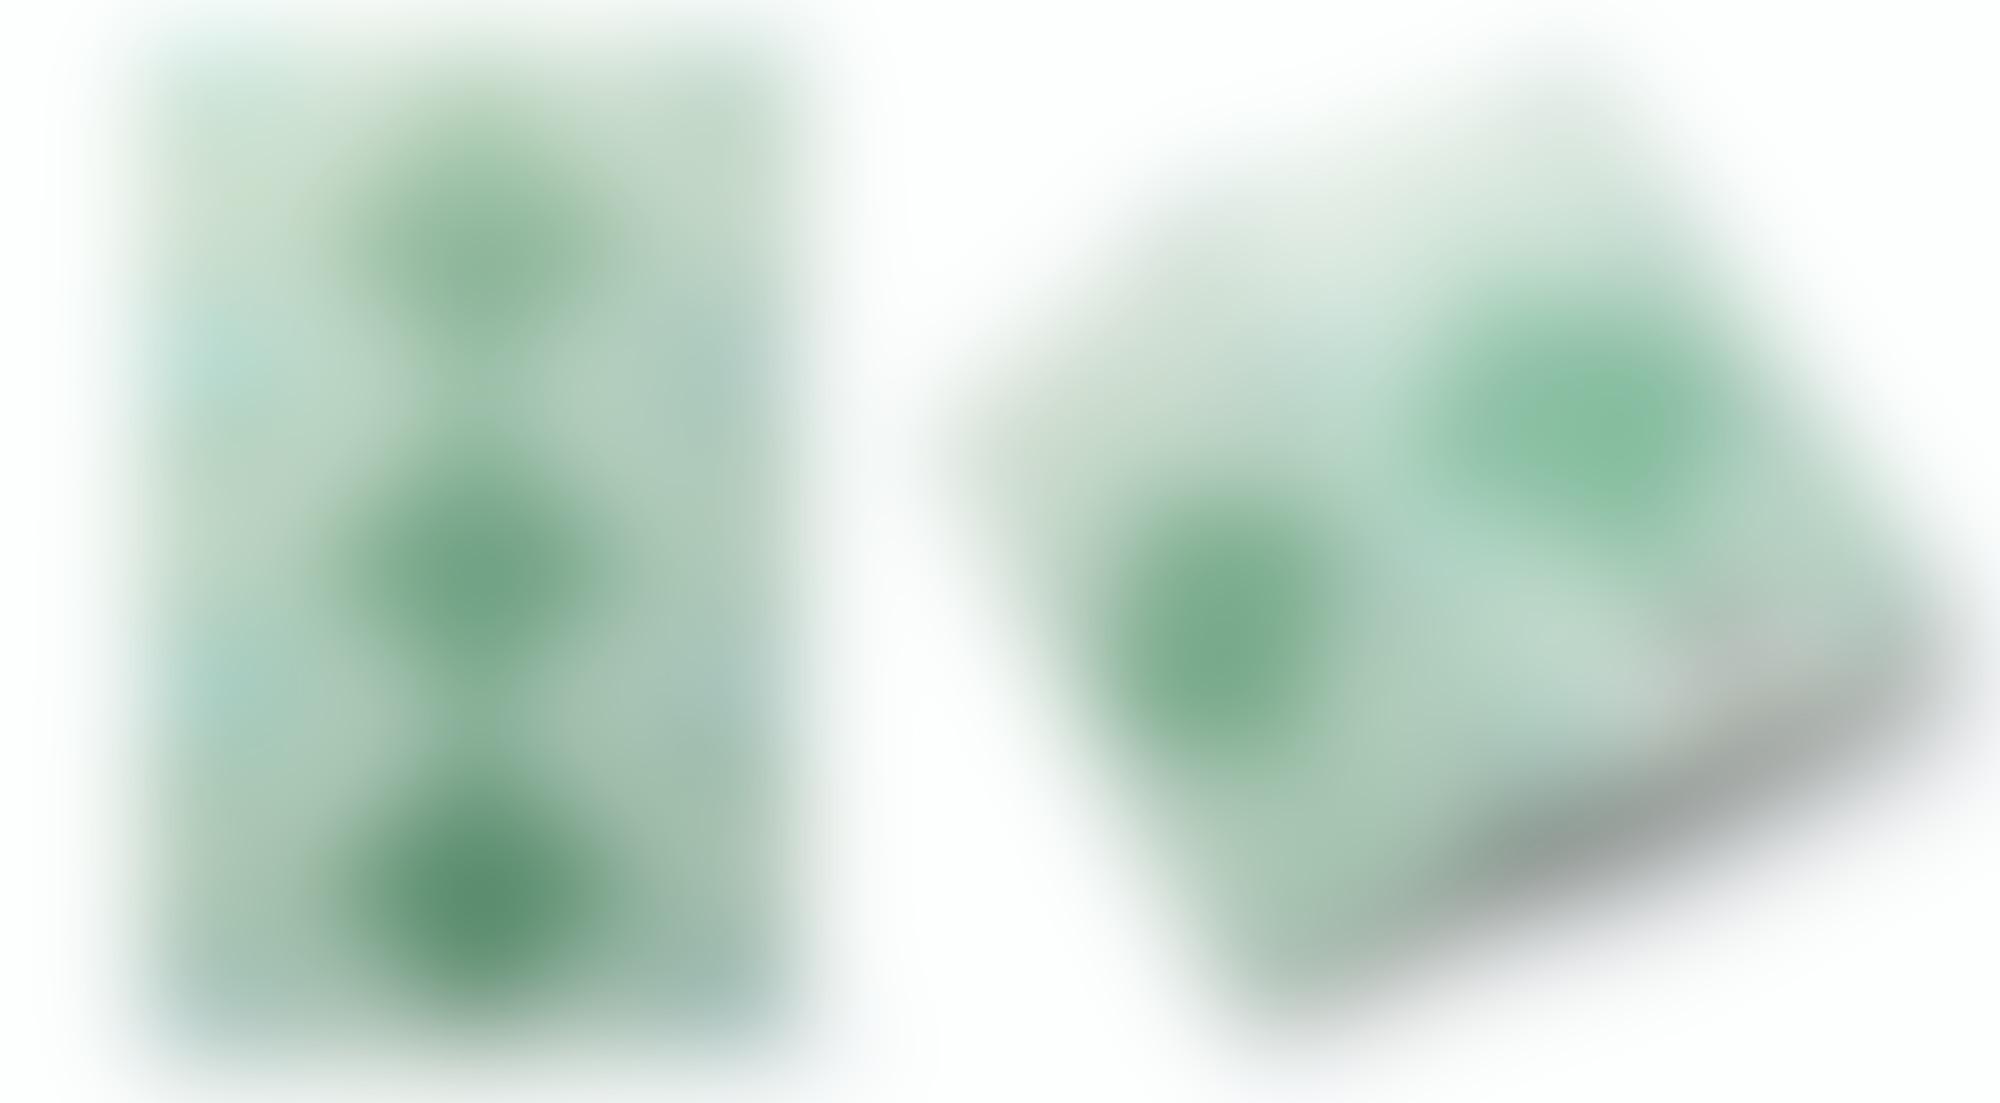 YT9 autocompressfitresizeixlibphp 1 1 0max h2000max w3 D2000q80s3950668a90f474cce5ab83dd5a01193c